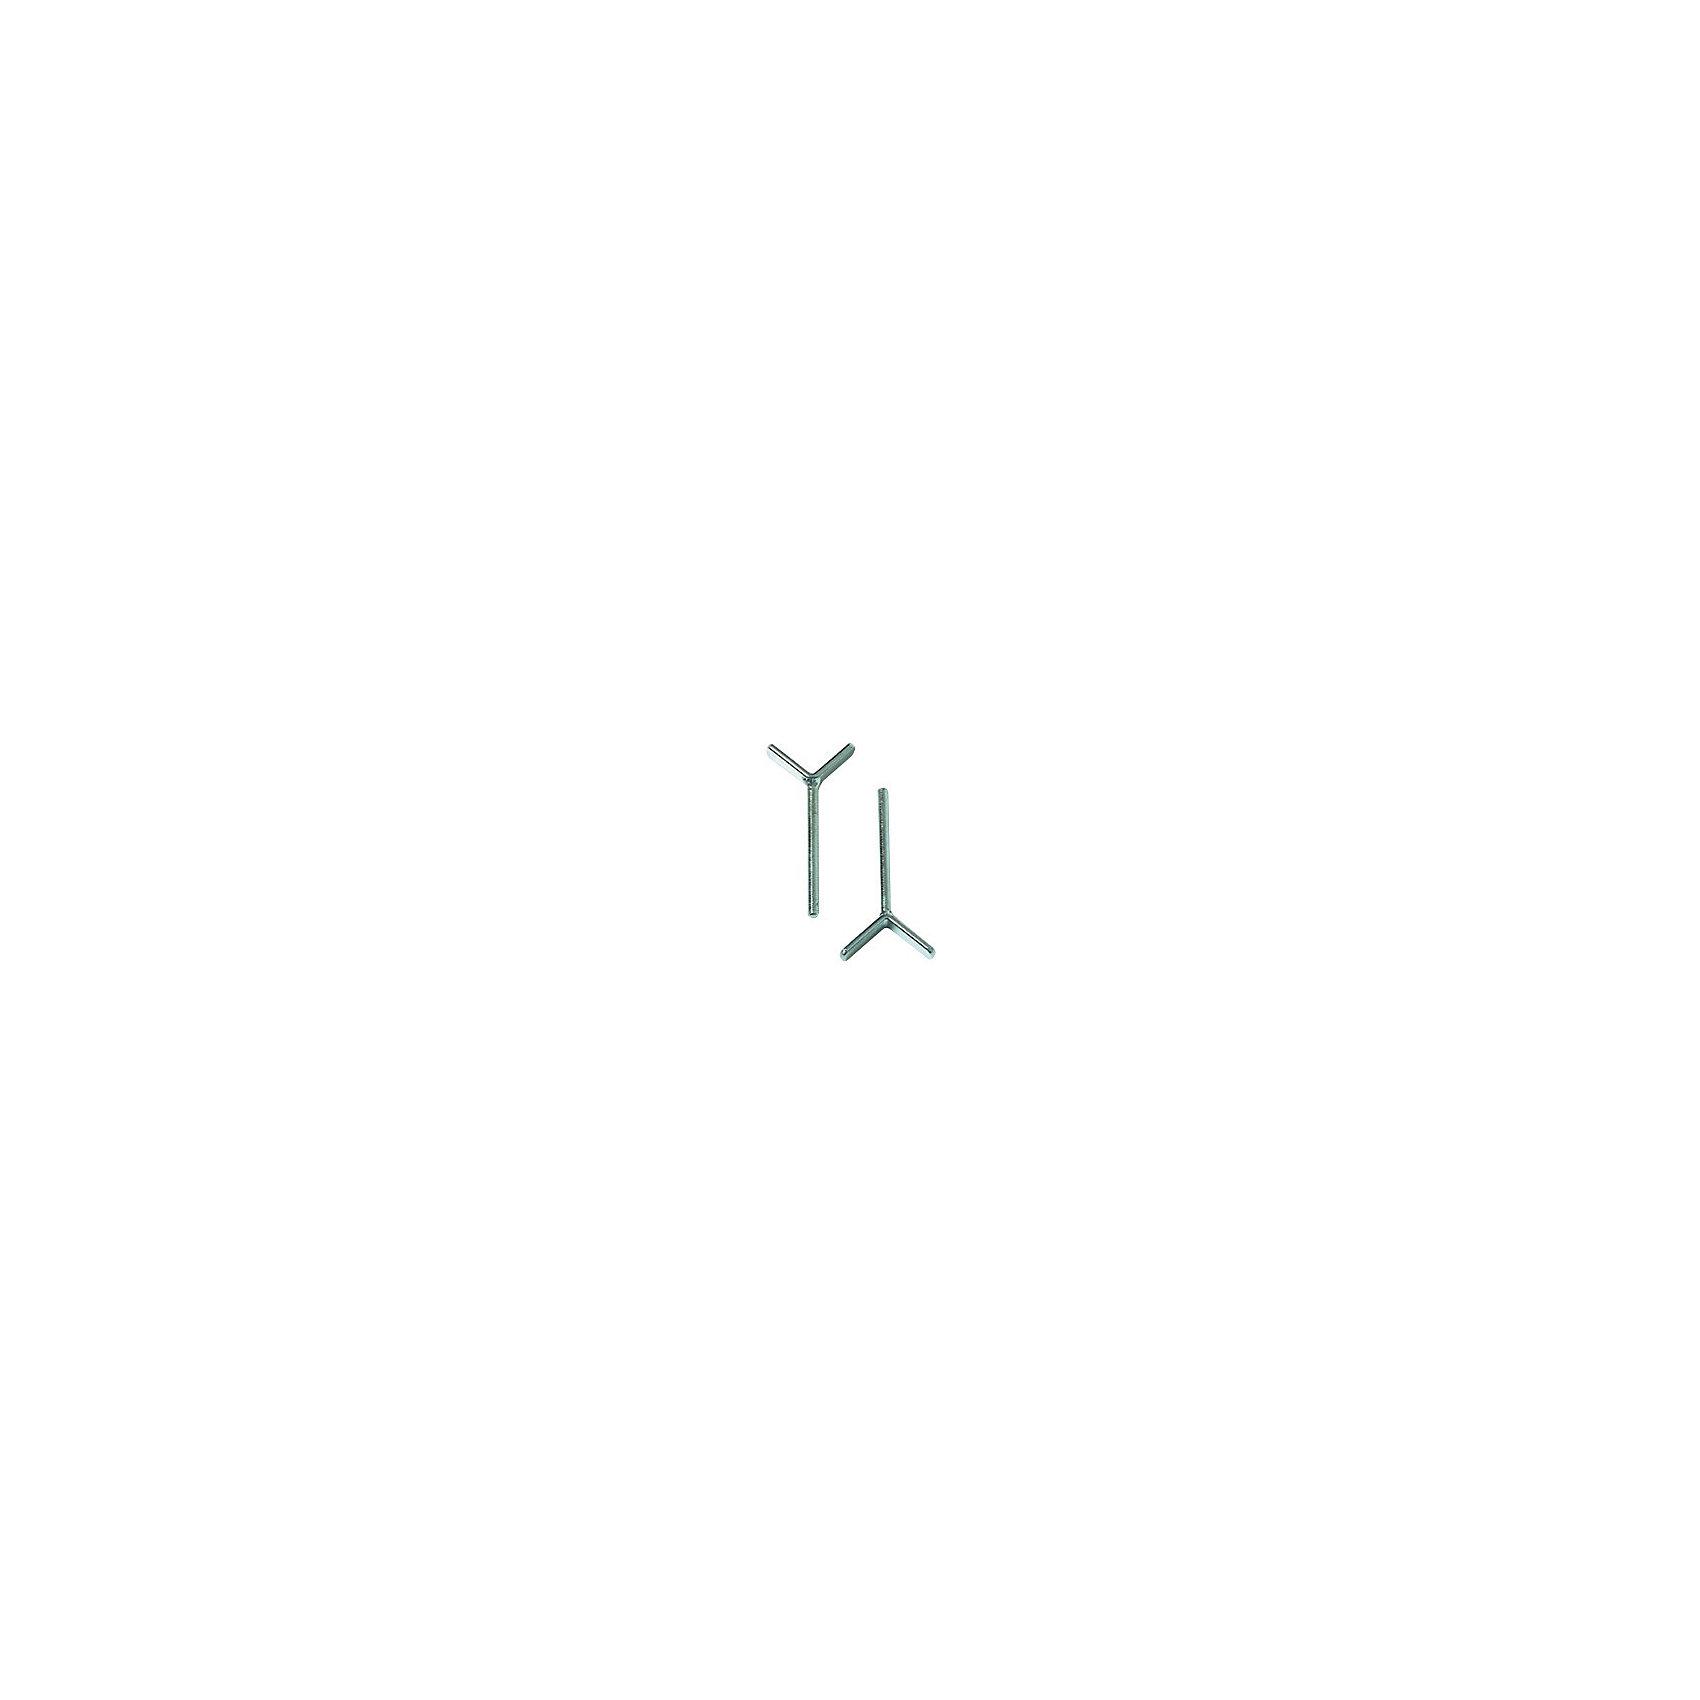 Фиксатор для ворот безопасности Y, Red CastleБлокирующие и защитные устройства для дома<br>Фиксатор для ворот безопасности Y, Red Castle (Ред Кастл)<br><br>Характеристики:<br><br>• подходит для опор цилиндрической формы<br>• не подходит для ворот, крепящихся с помощью шурупов<br>• длина фиксатора: 12 см<br>• материал: металл<br>• размер упаковки: 12х9х2 см<br>• вес: 140 грамм<br><br>Ворота безопасности - незаменимая вещь для родителей. Они помогут защитить вашего малыша от травм, падений и других опасных ситуаций. Чтобы установить ворота между стеной и опорой, имеющей форму цилиндра, вам понадобится специальное крепление. Фиксатор Y от Red Castle отлично справится с этой задачей. Он надежно фиксирует ворота, установленные без применения шурупов. Длина фиксатора - 12 сантиметров.<br><br>Фиксатор для ворот безопасности Y, Red Castle (Ред Кастл) можно купить в нашем интернет-магазине.<br><br>Ширина мм: 51<br>Глубина мм: 11<br>Высота мм: 121<br>Вес г: 140<br>Возраст от месяцев: -2147483648<br>Возраст до месяцев: 2147483647<br>Пол: Унисекс<br>Возраст: Детский<br>SKU: 5445691